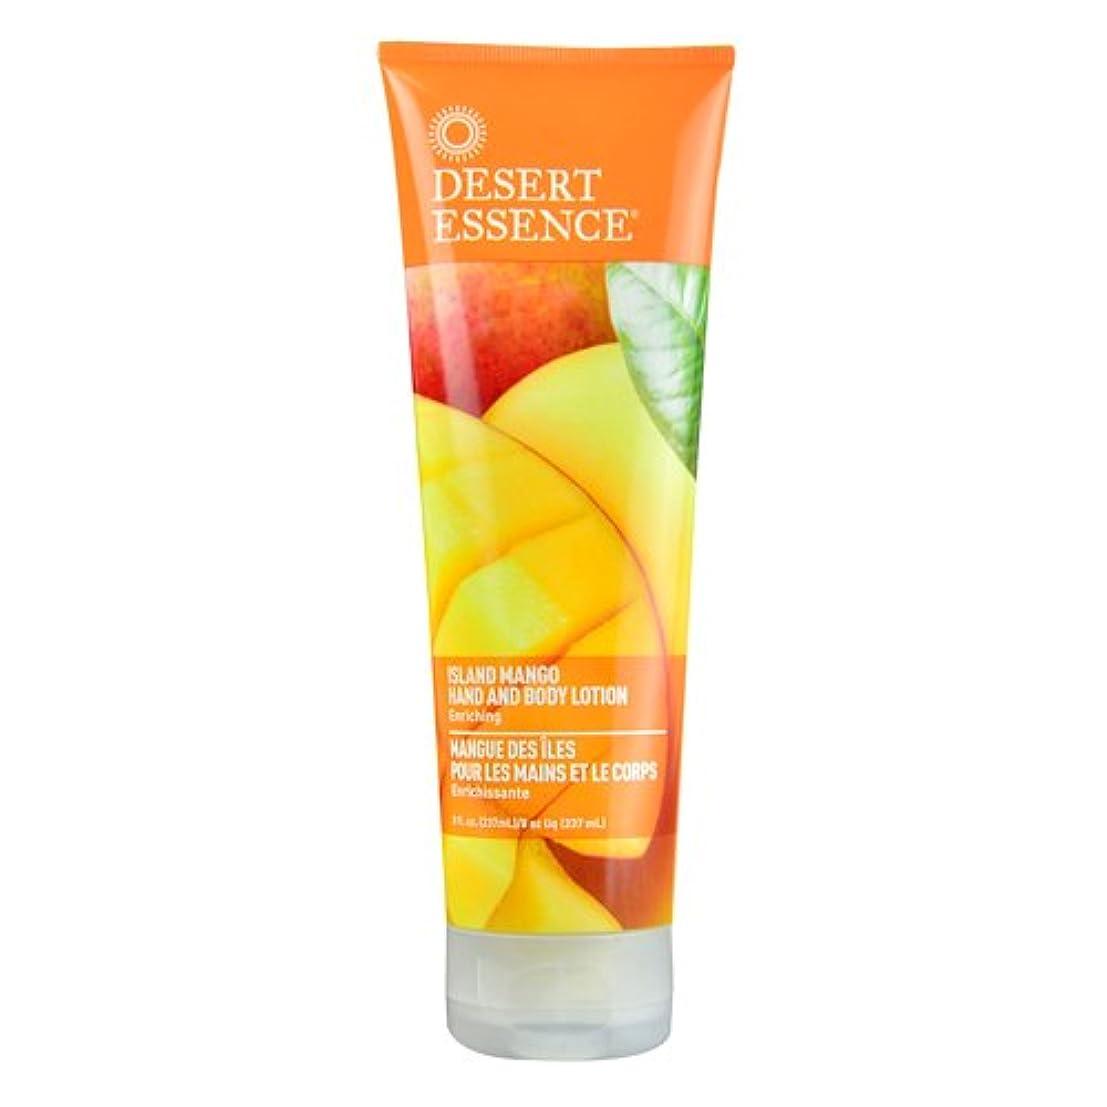 ダッシュリンス測るDesert Essence, Hand and Body Lotion, Island Mango, 8 fl oz (237 ml)